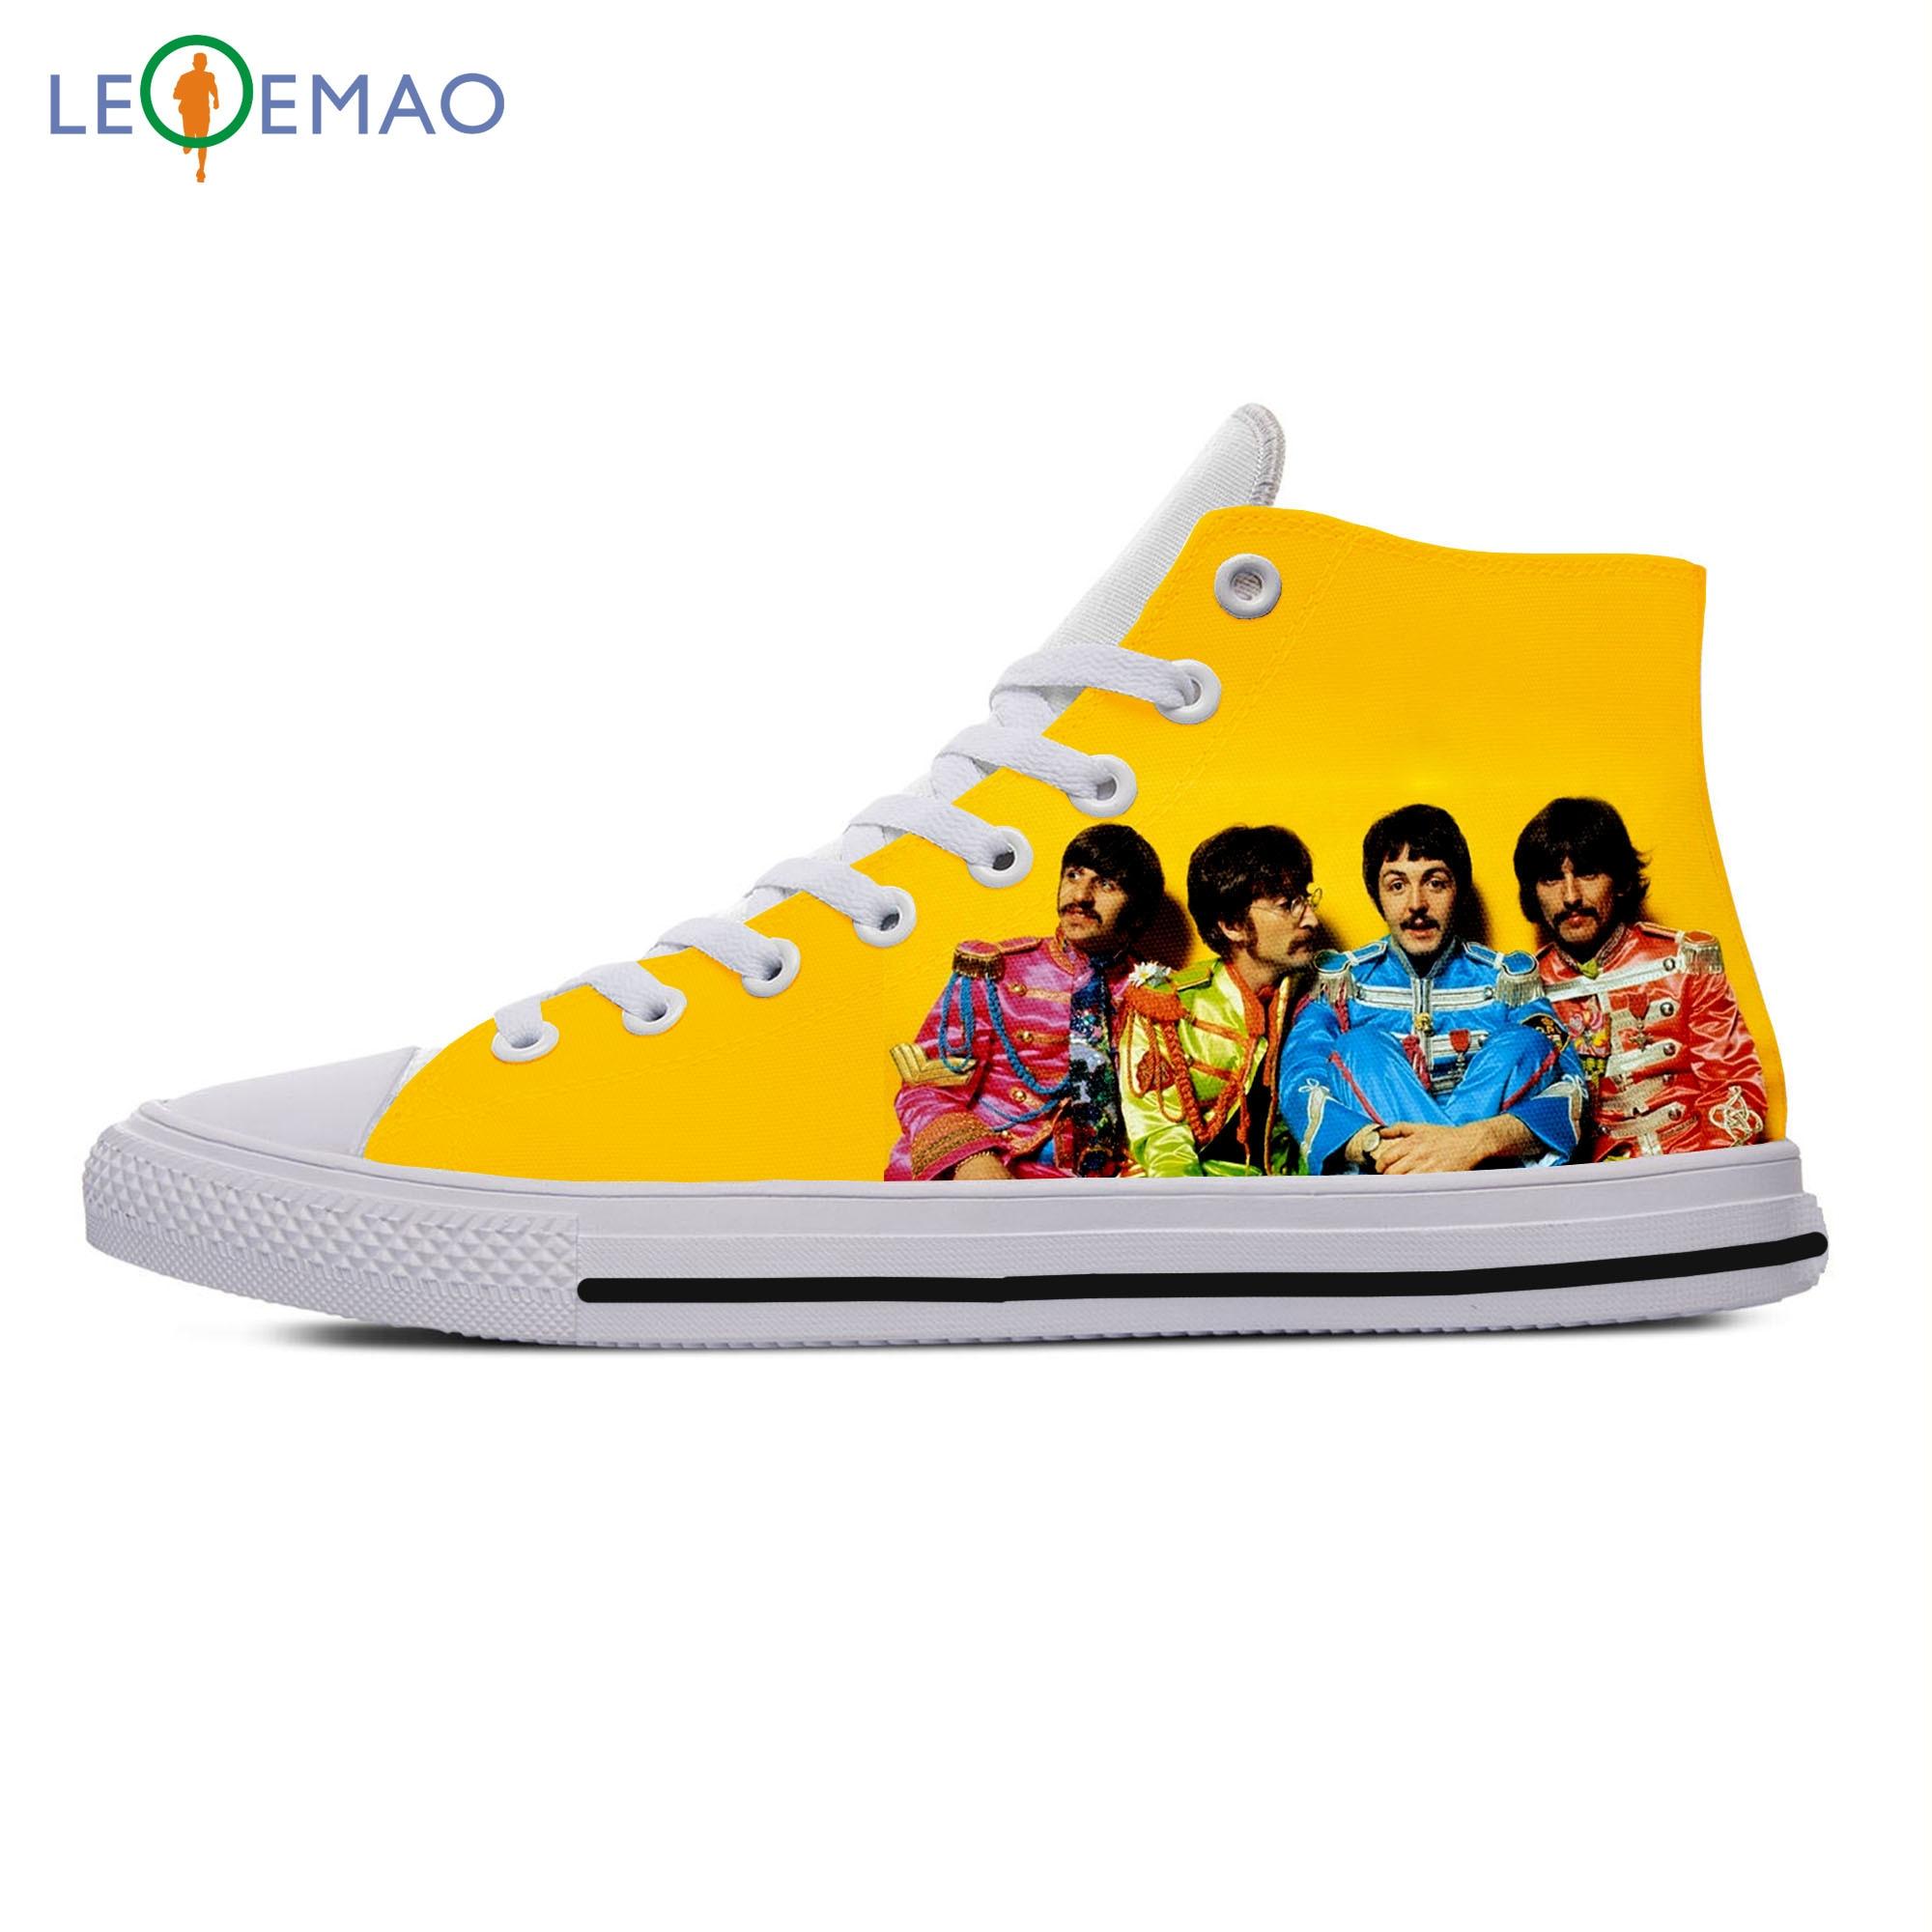 Sapatos de Lona o b e a t l e s Personalizado Primavera Outono Alta Qualidade Handiness Masculino Sapatos Casuais Confortáveis Grandes Branco Zapatillas